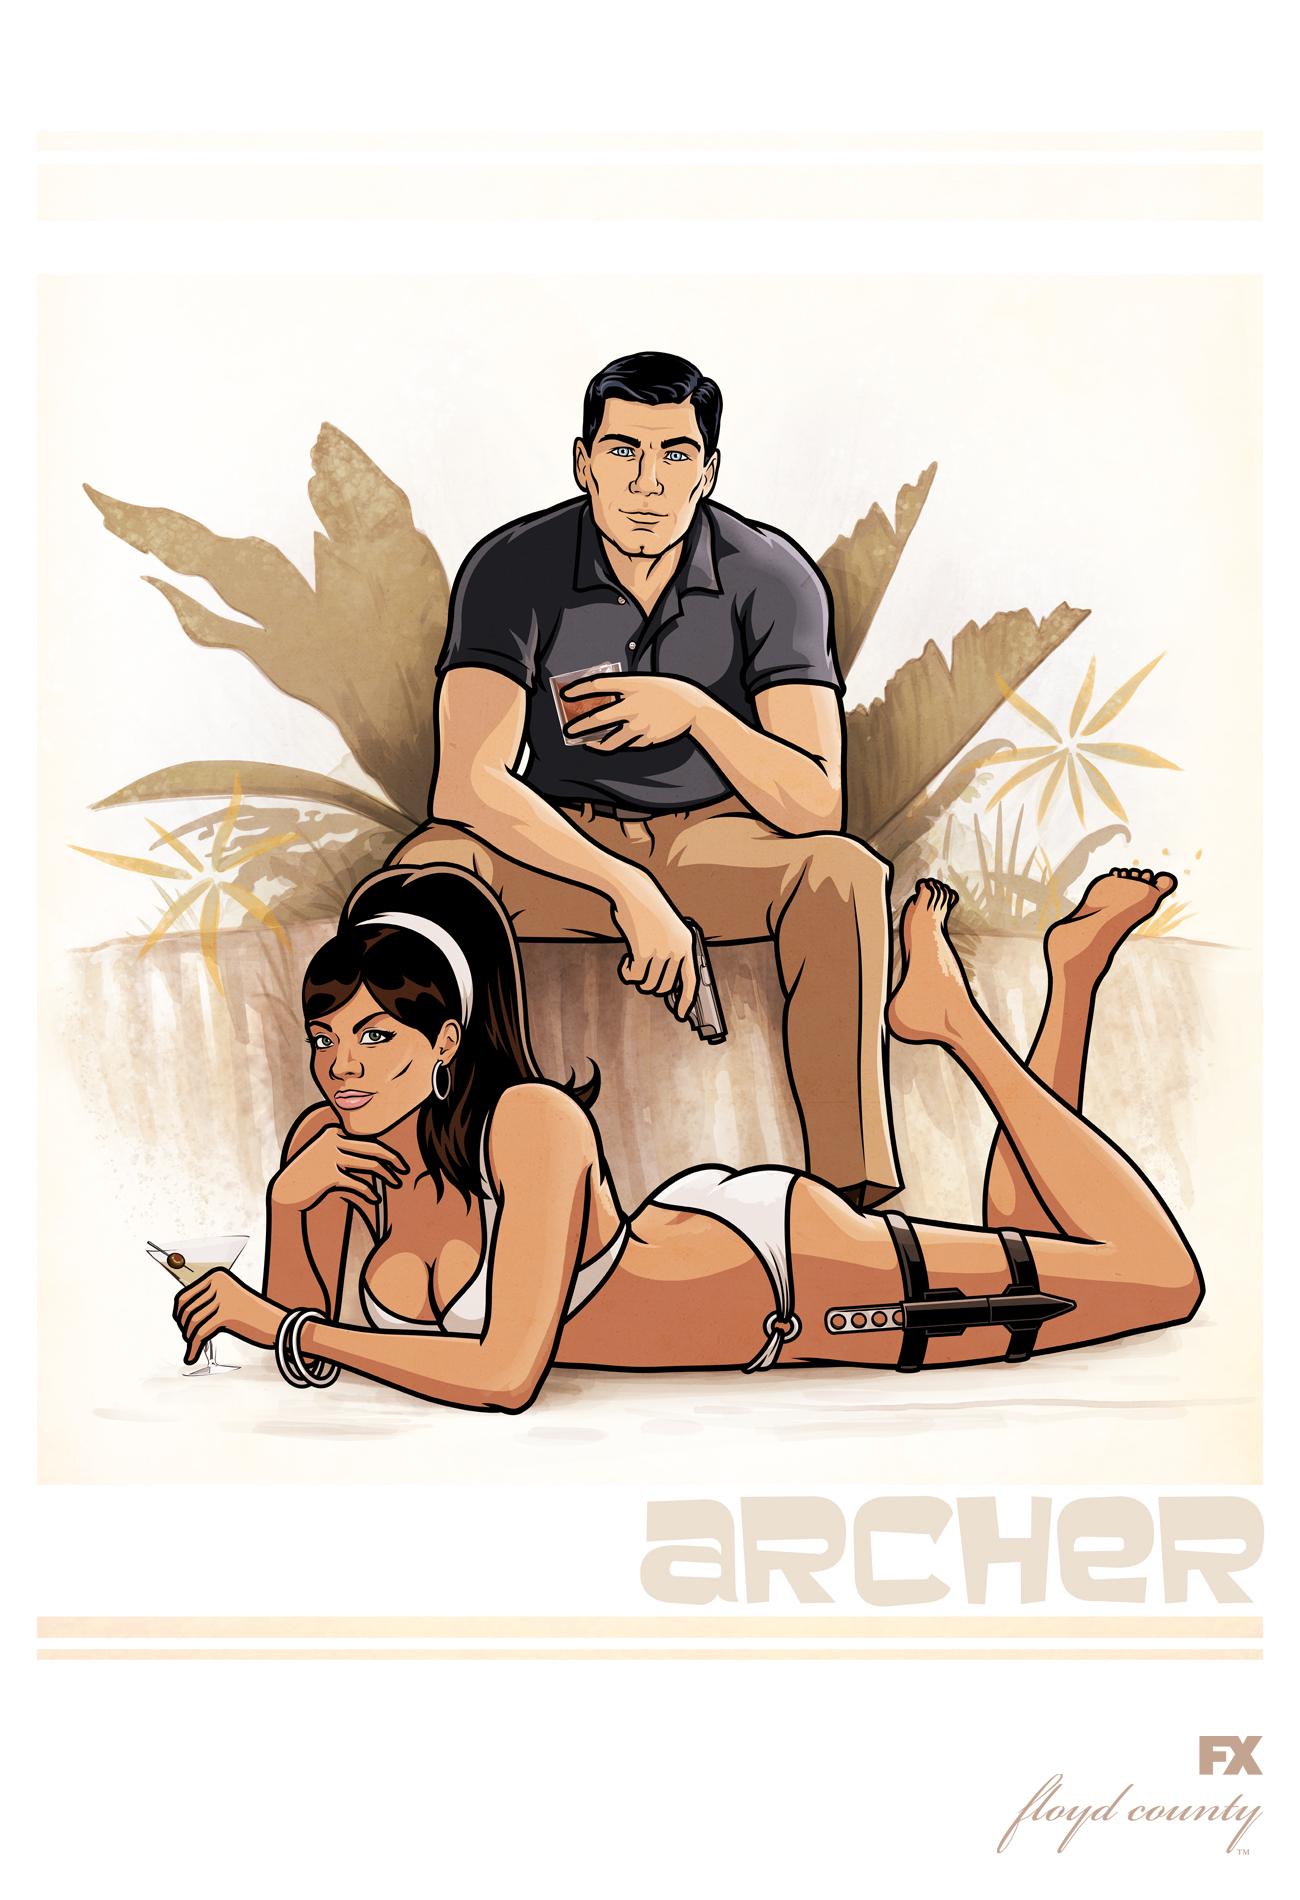 Archer_01.jpg